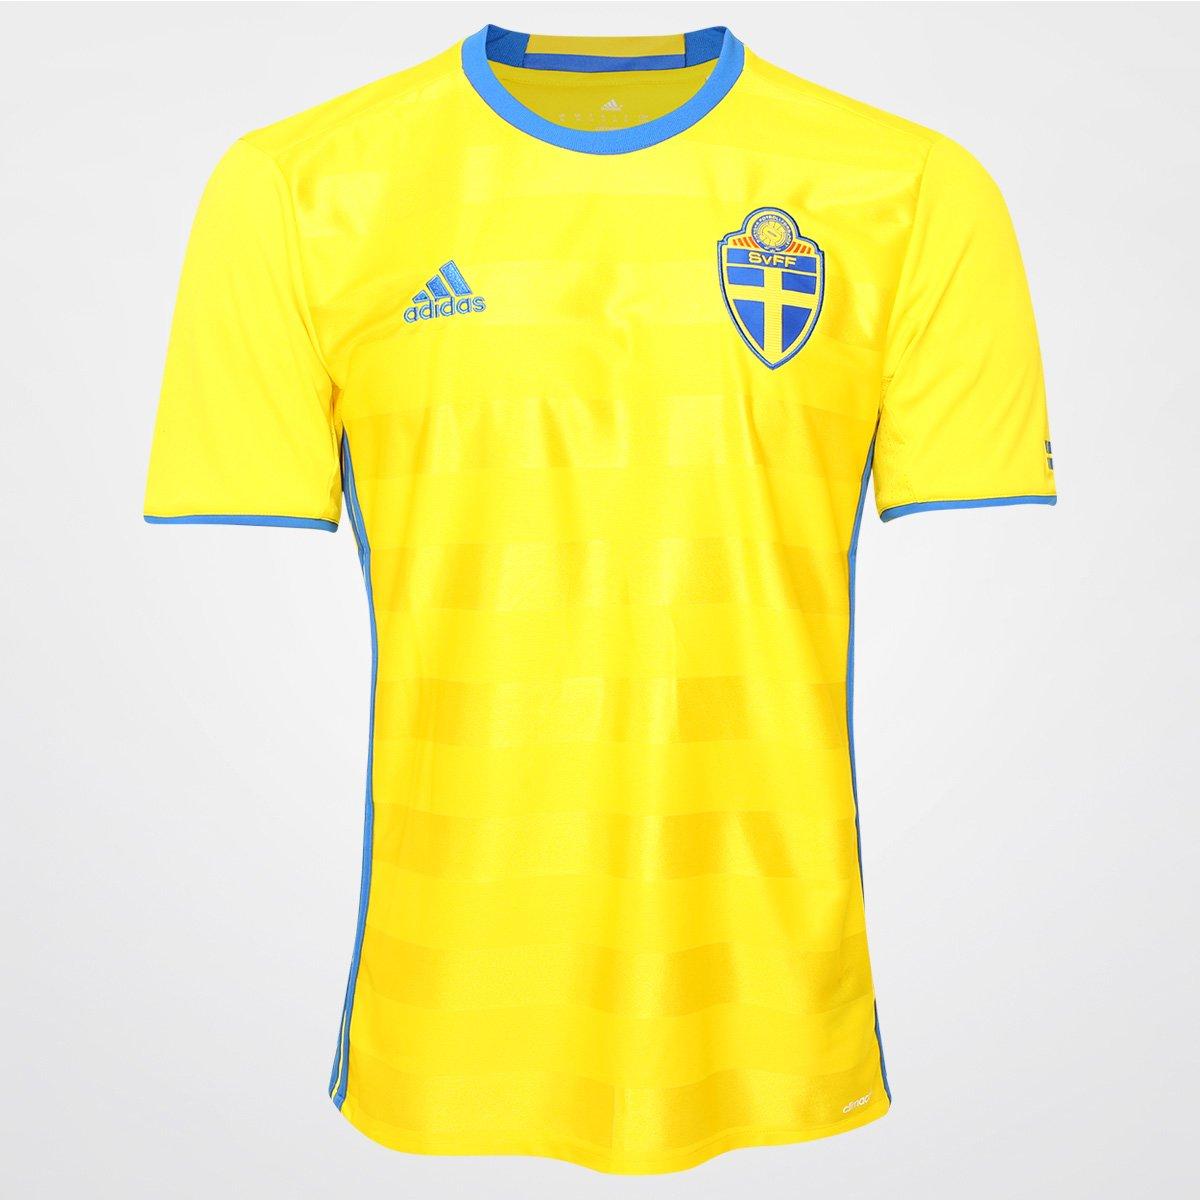 Camisa Seleção Suécia Home 2016 s nº Torcedor Adidas Masculina - Compre  Agora  7d938056c096a